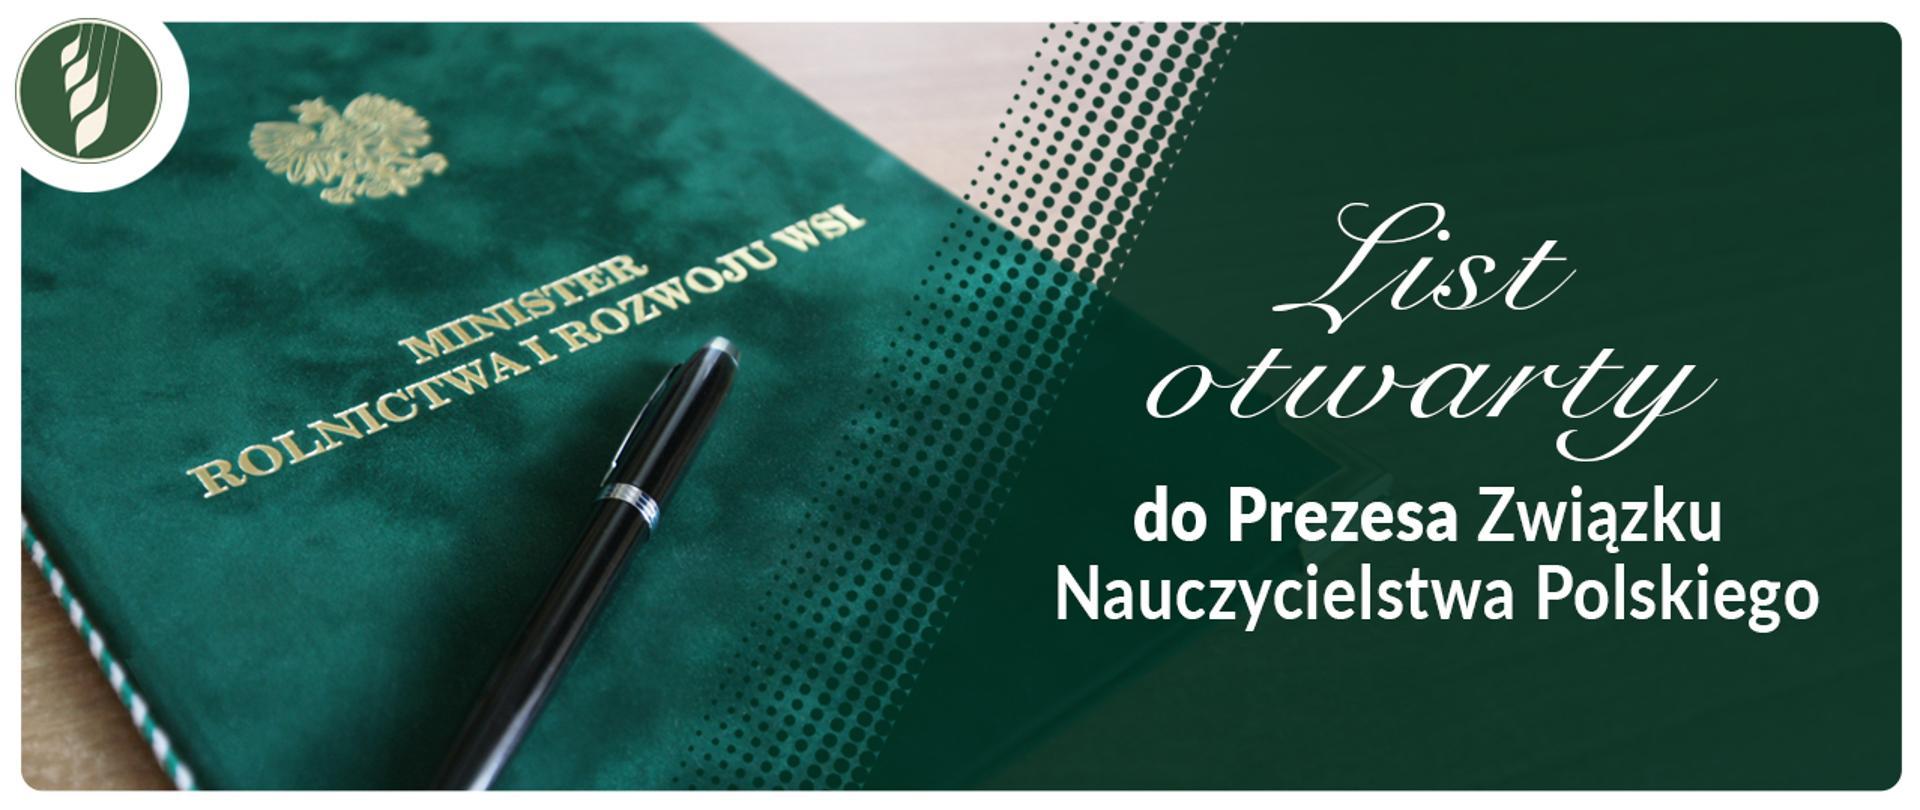 List otwarty Ministra Rolnictwa i Rozwoju Wsi do Prezesa Związku Nauczycielstwa Polskiego